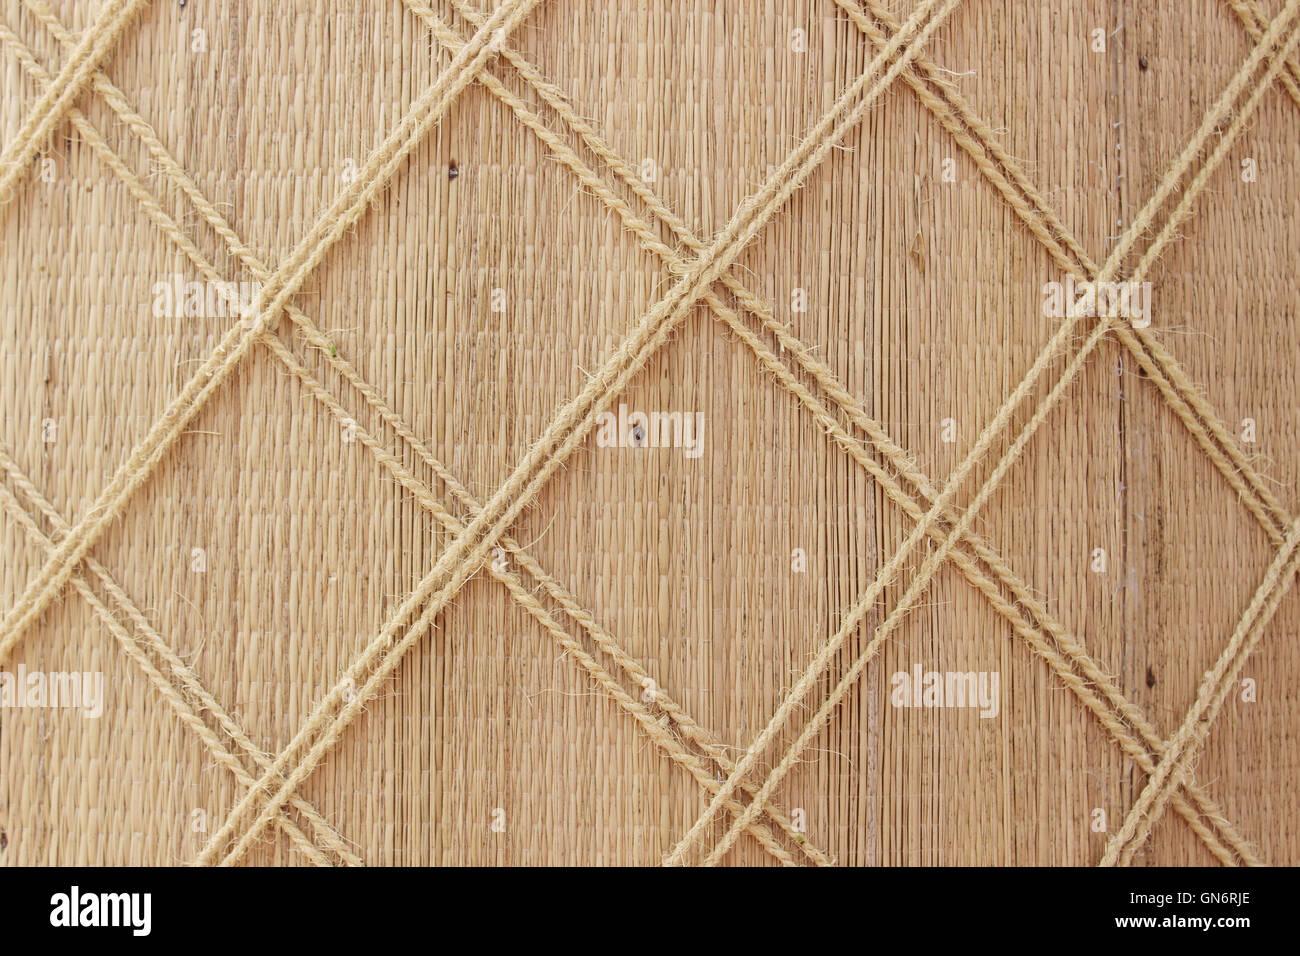 Woven Grass Mat Wall Decor Stock Photos & Woven Grass Mat Wall Decor ...